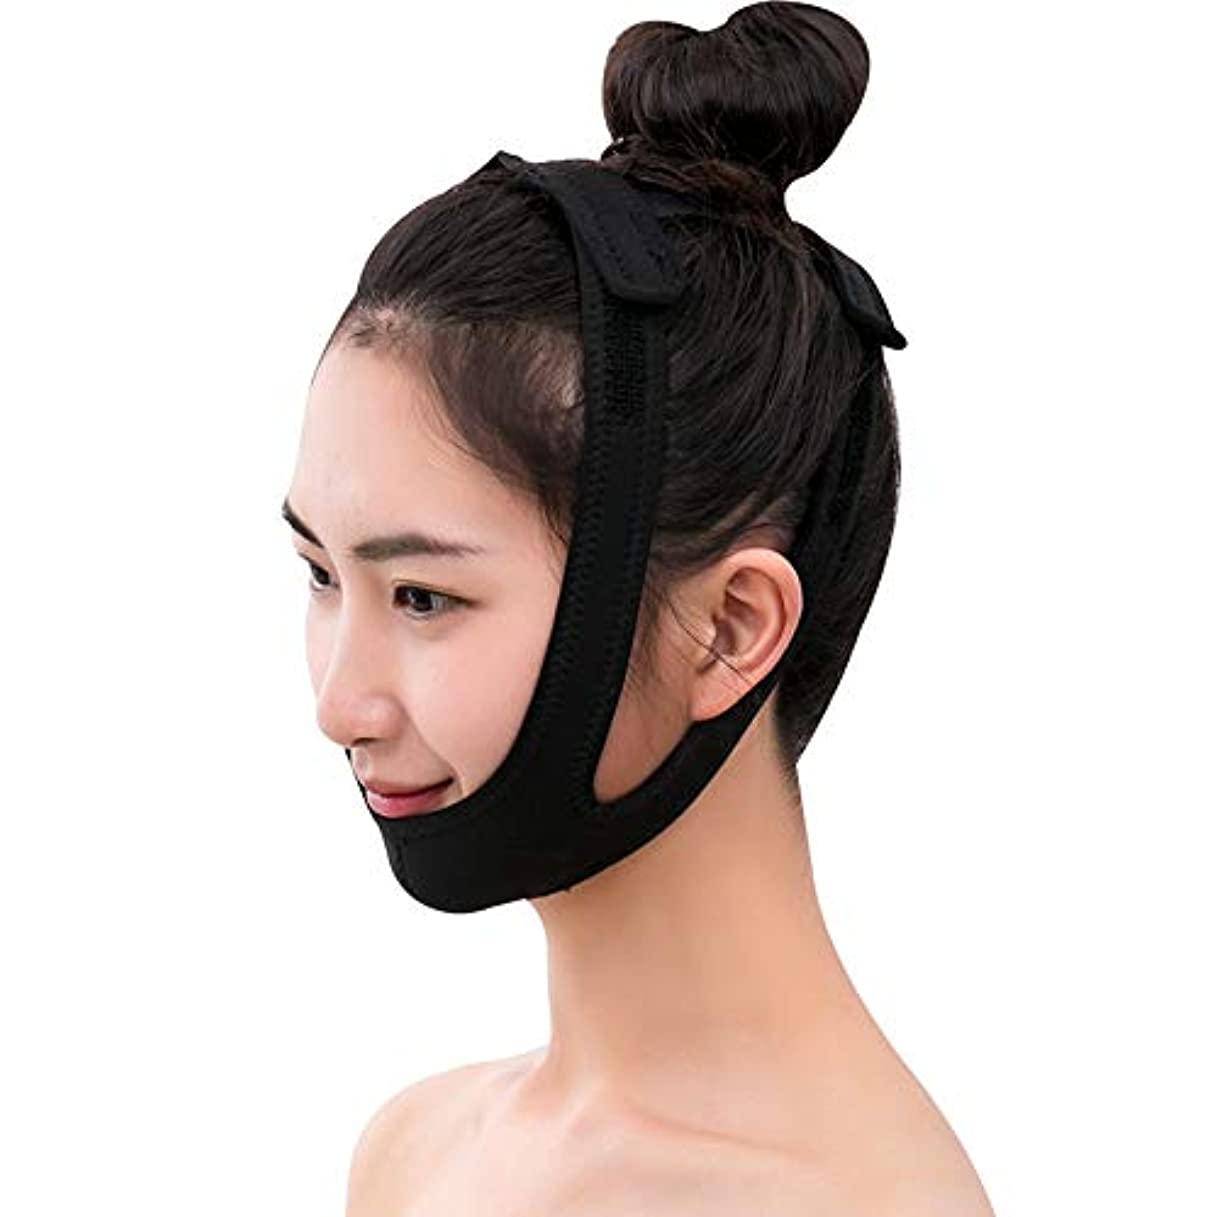 中止します偽歪める薄いフェイスバンド - 薄い顔の包帯ビューティーインストゥルメントフェイシャルリフト睡眠マスク法Vフェイスマスクの通気性を作る 美しさ